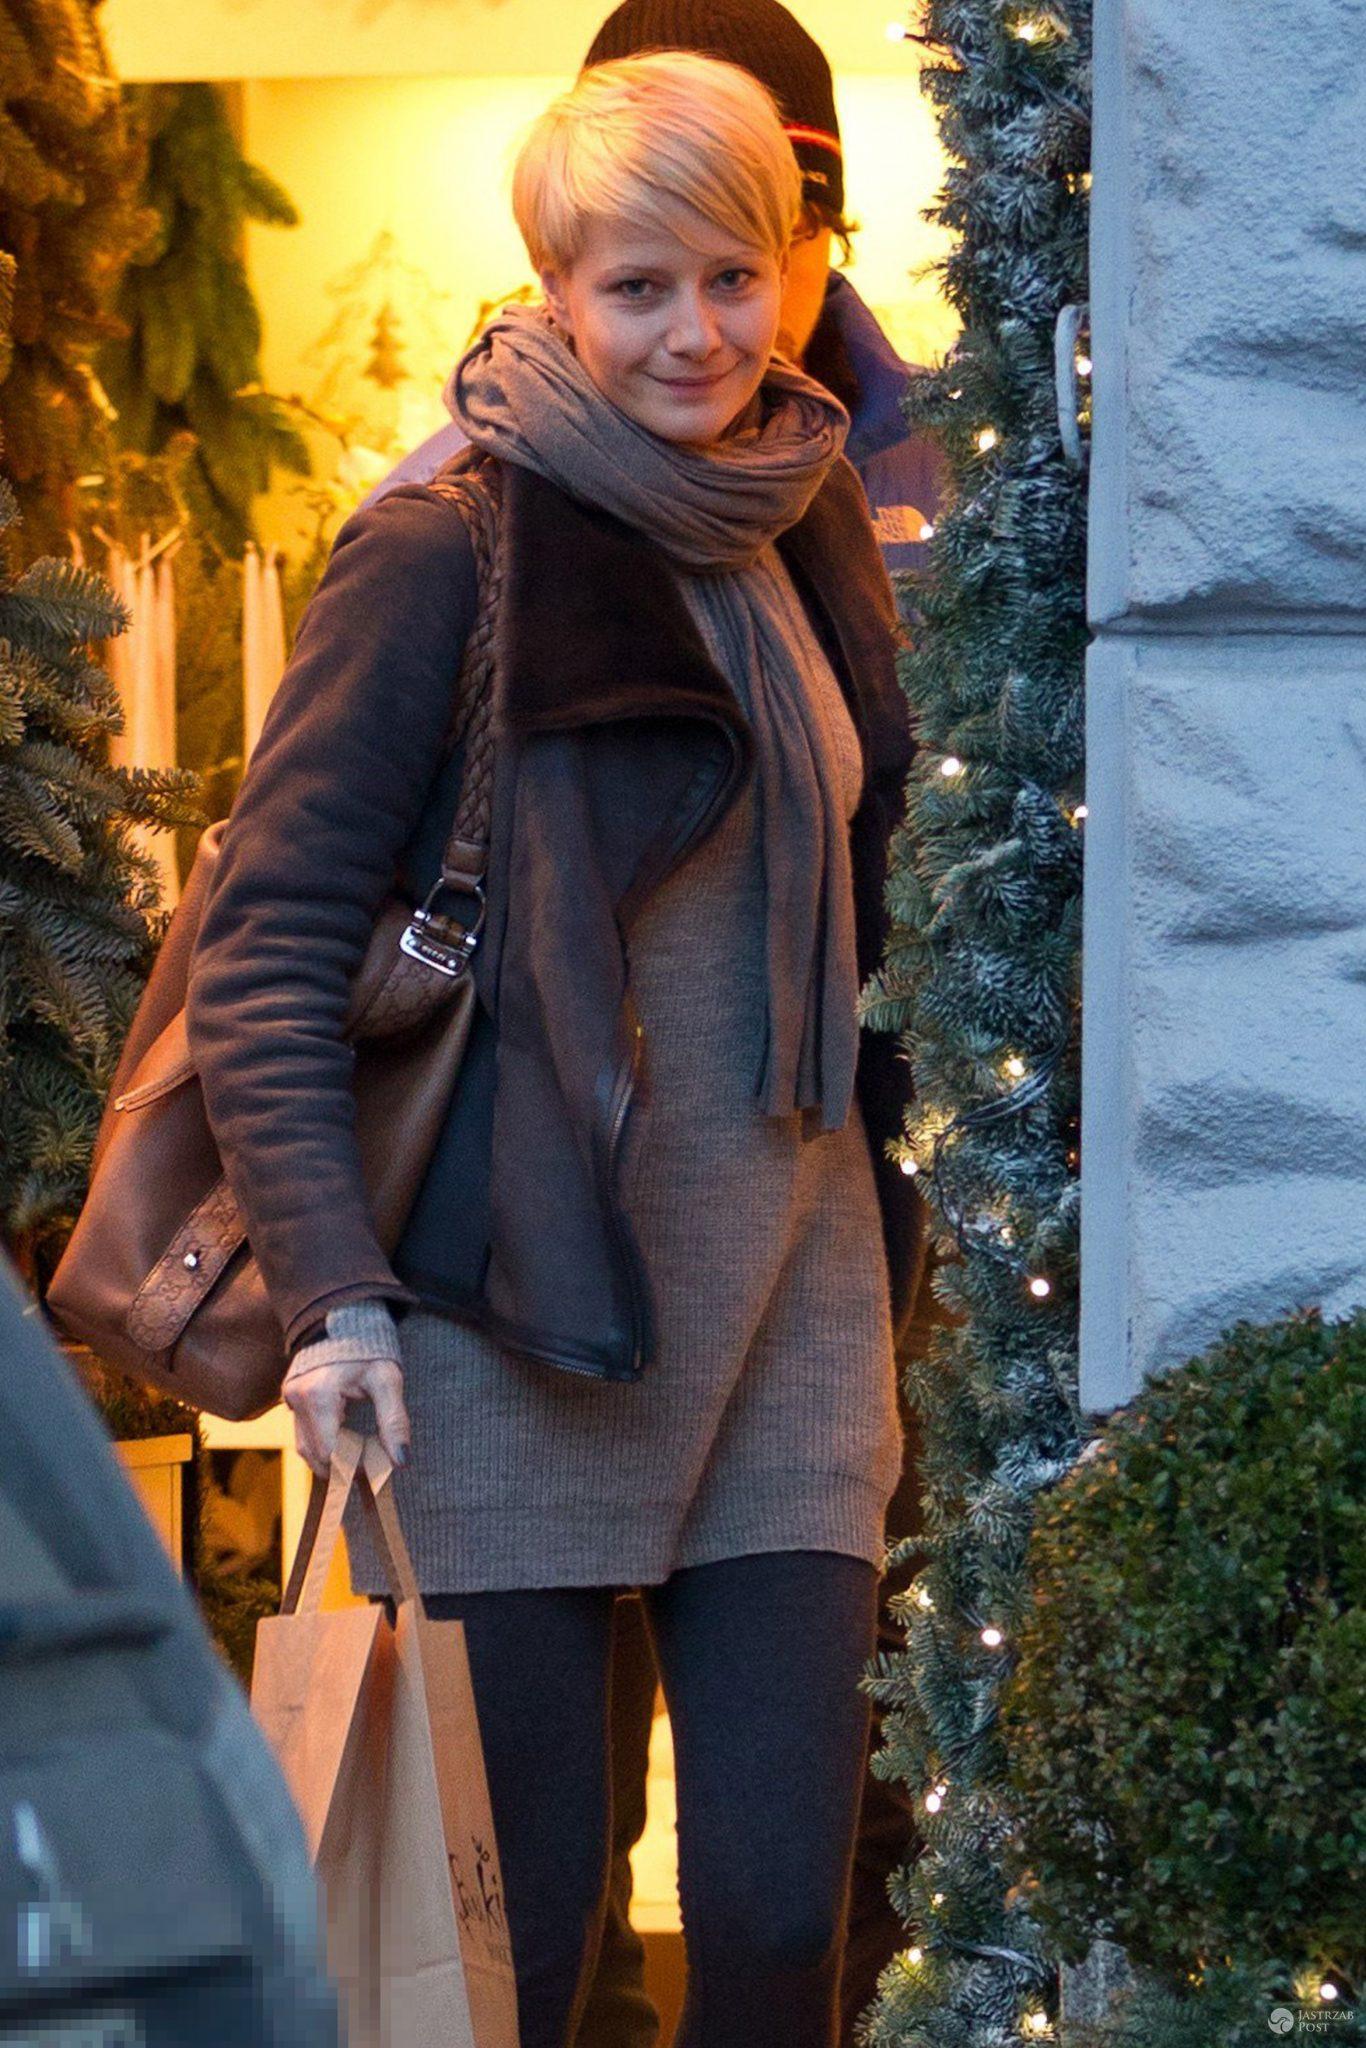 Polskie gwiazdy przyłapane na świątecznych zakupach! Jakie prezenty kupiły? [PAPARAZZI] - Małgorzata Kożuchowska na przedświątecznych zakupach 2016